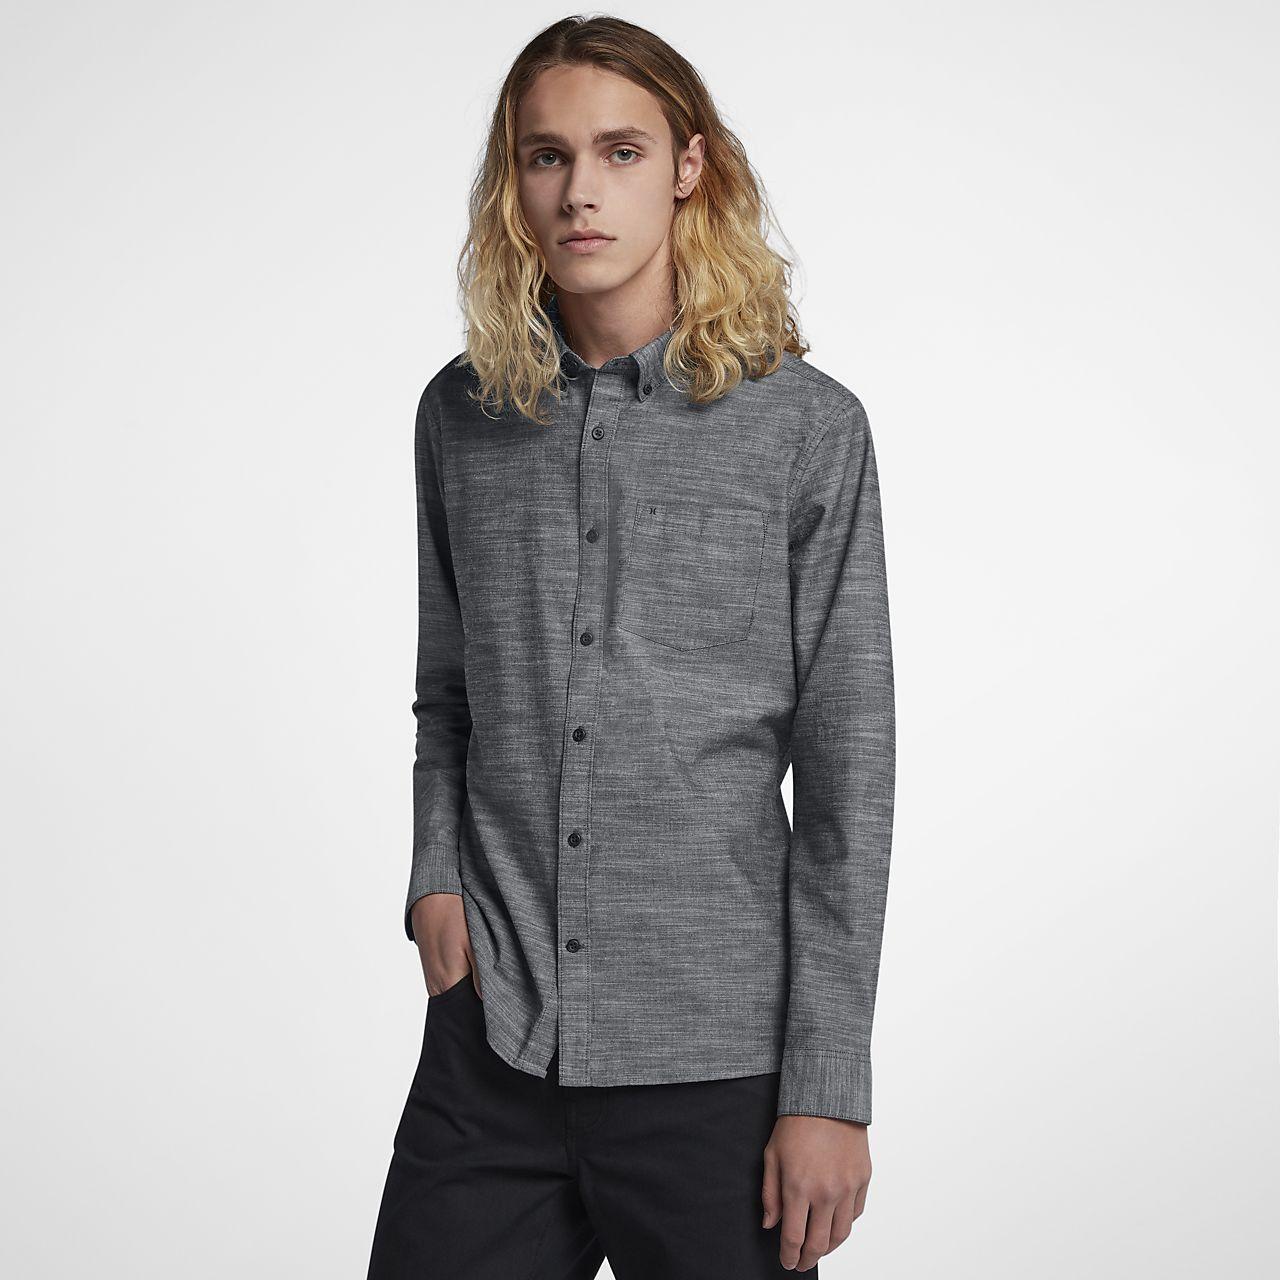 9608001394 Hurley One And Only Camisa de manga larga - Hombre. Nike.com ES